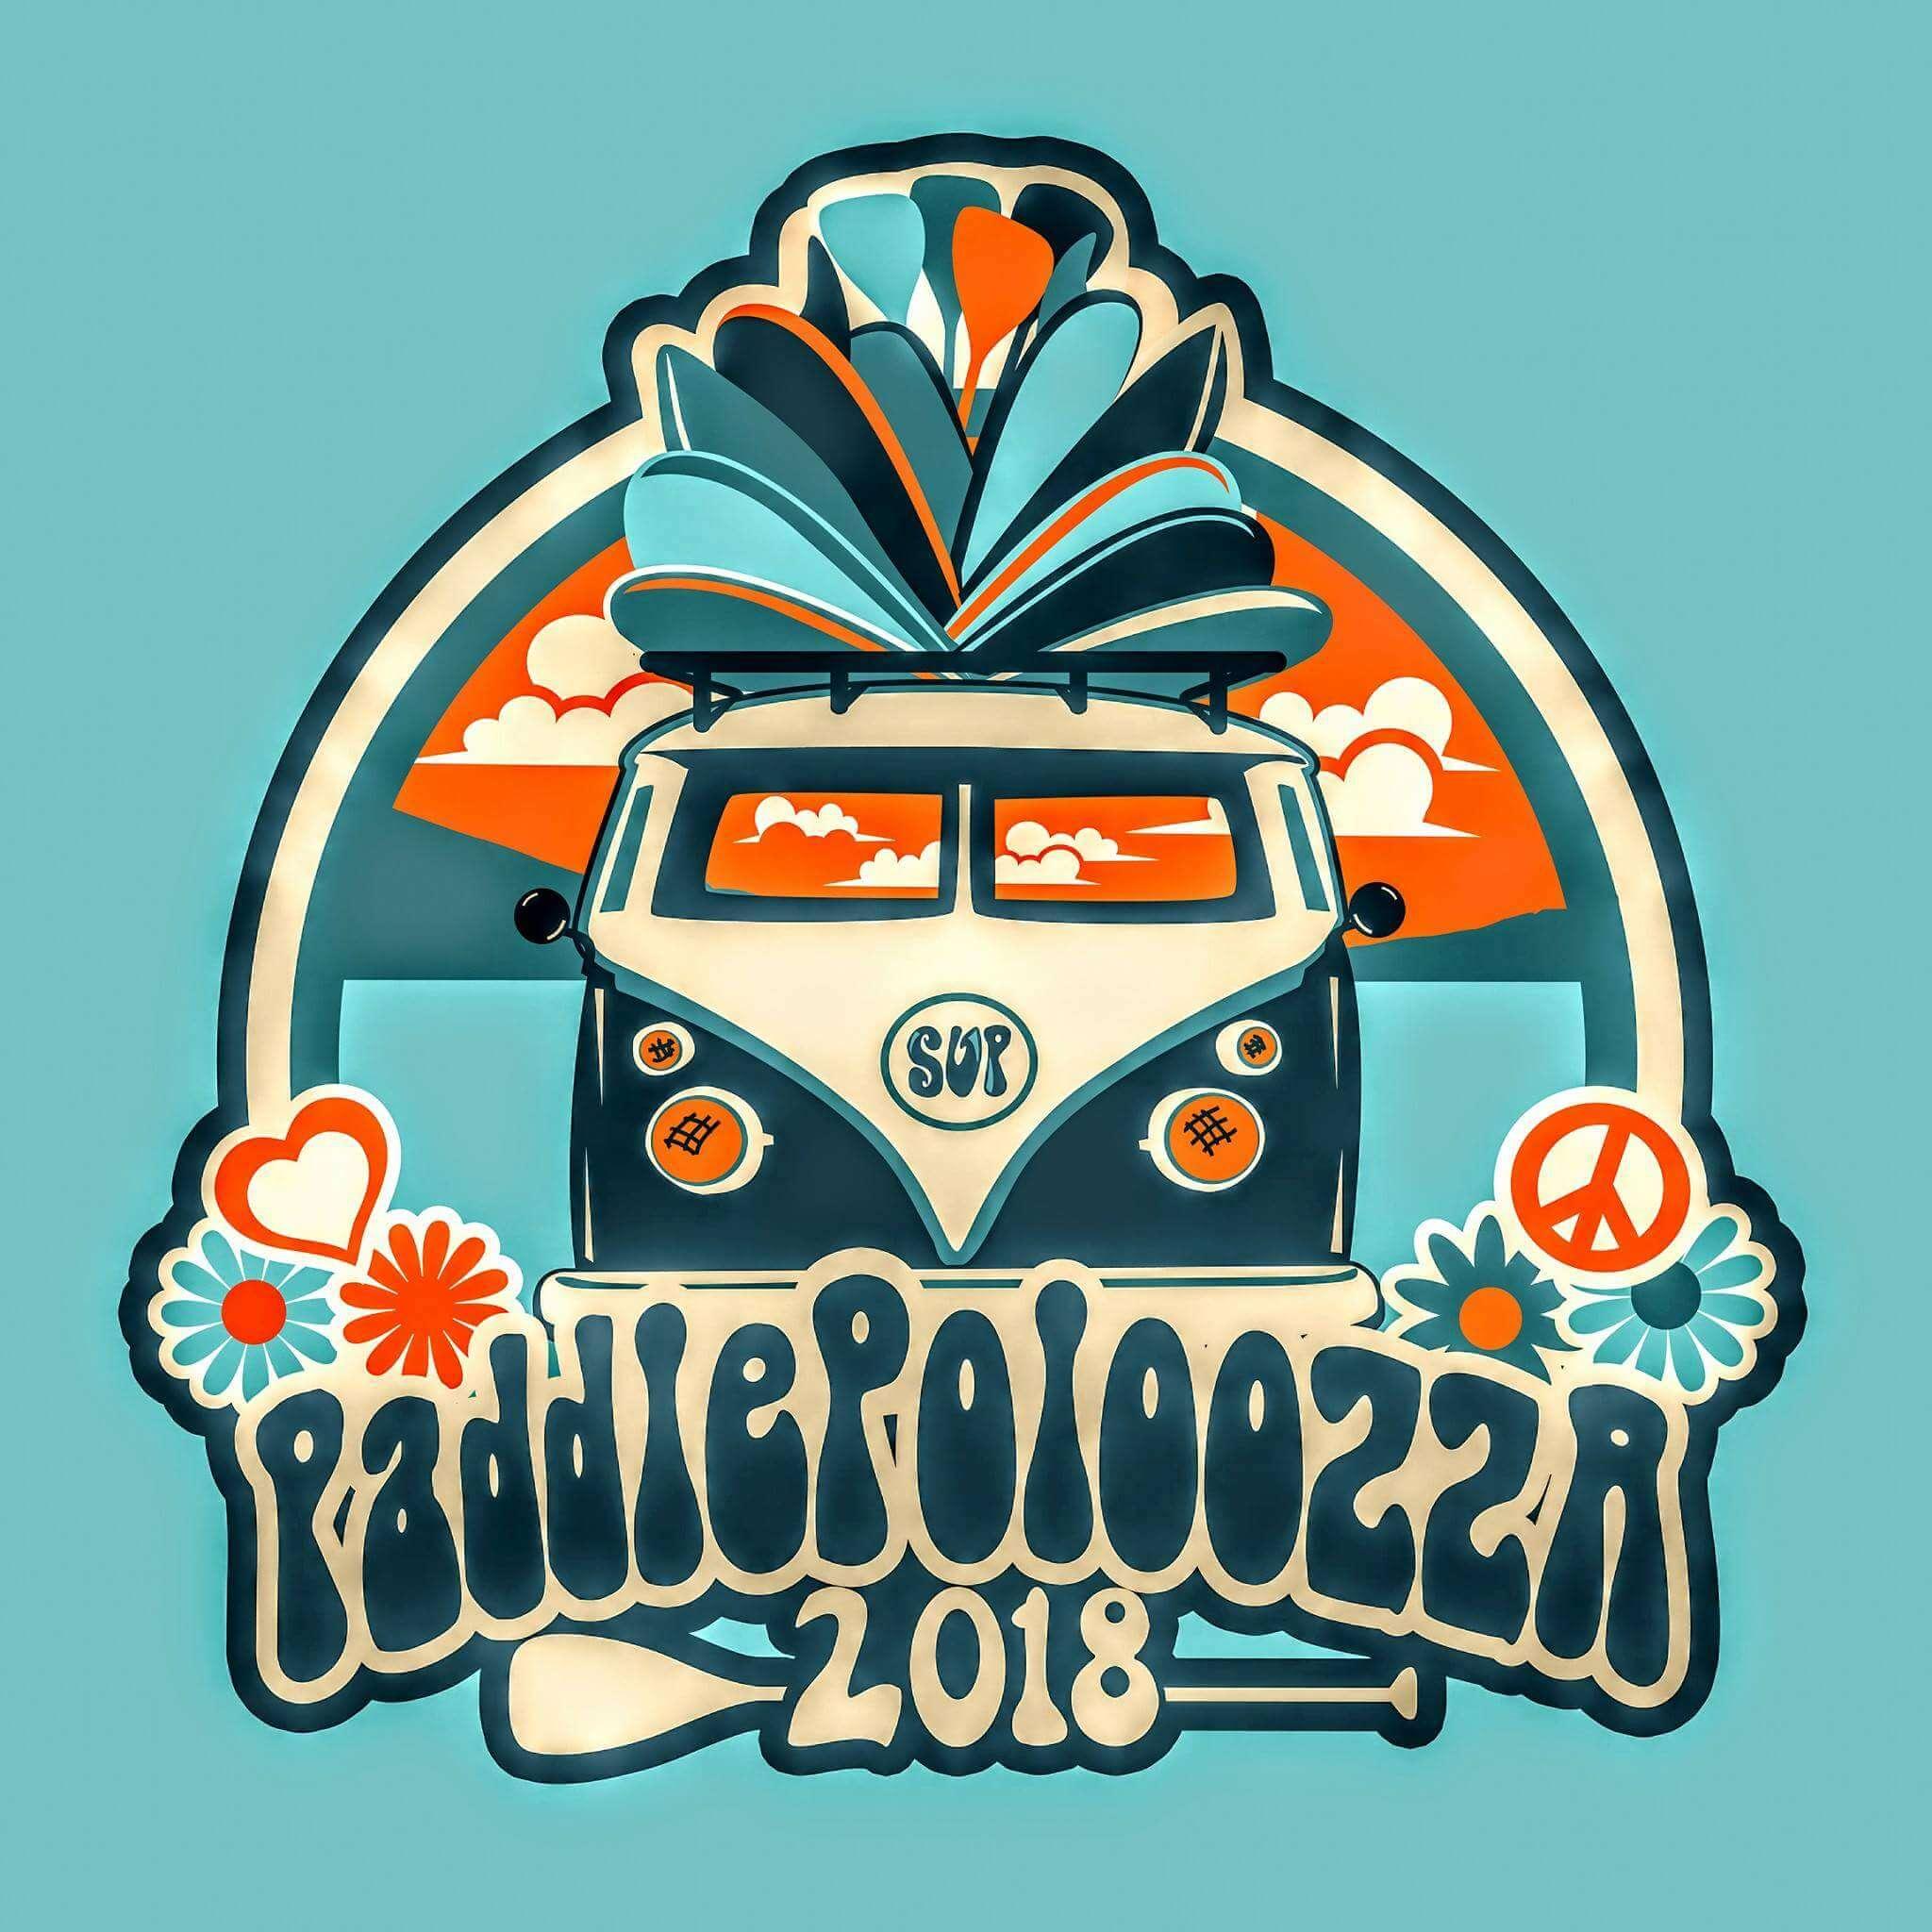 PaddlePoloozza 2018